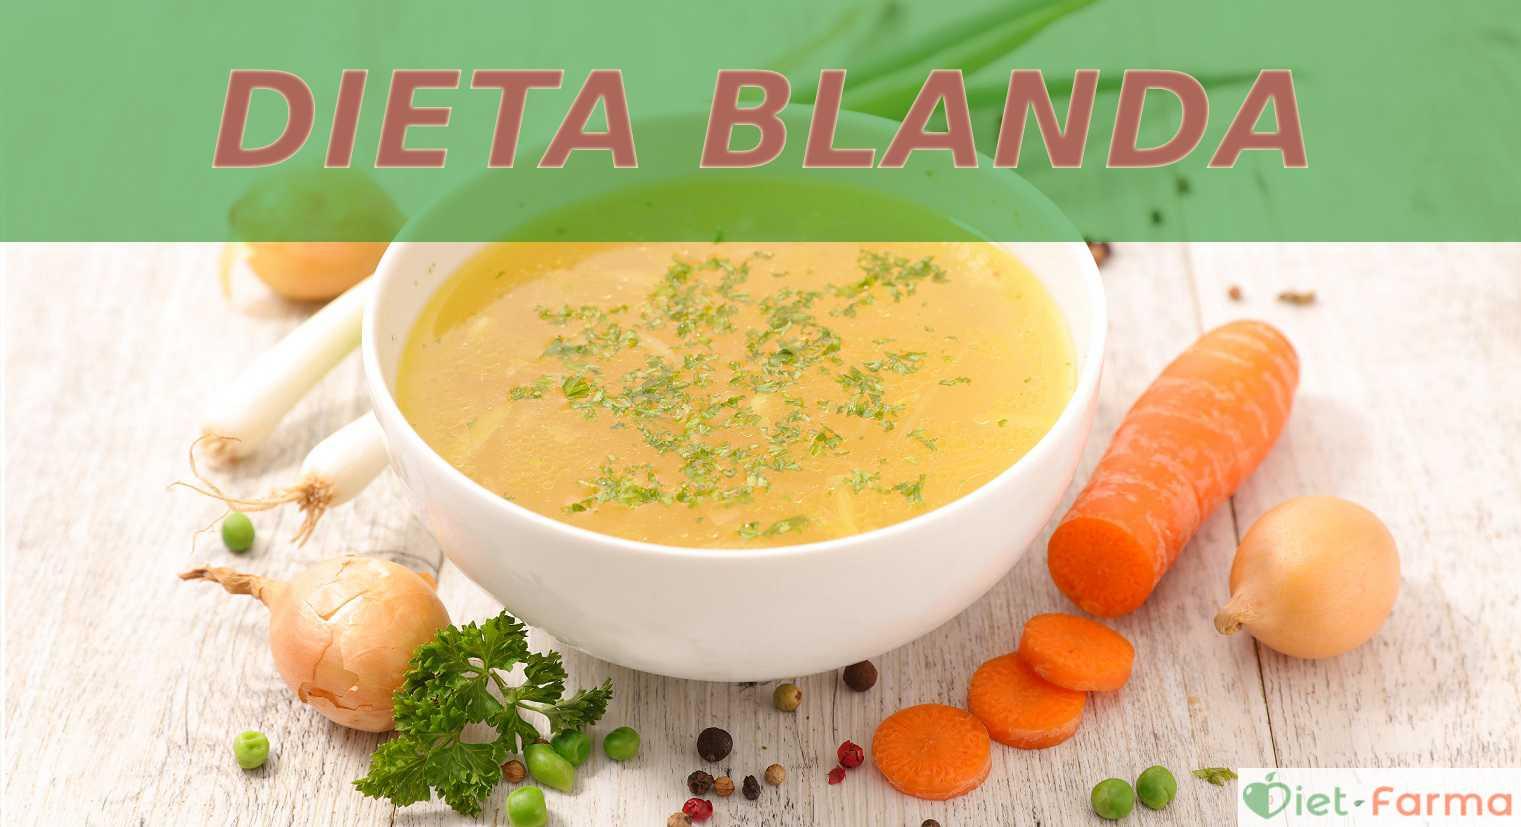 dieta_blanda_1.jpg